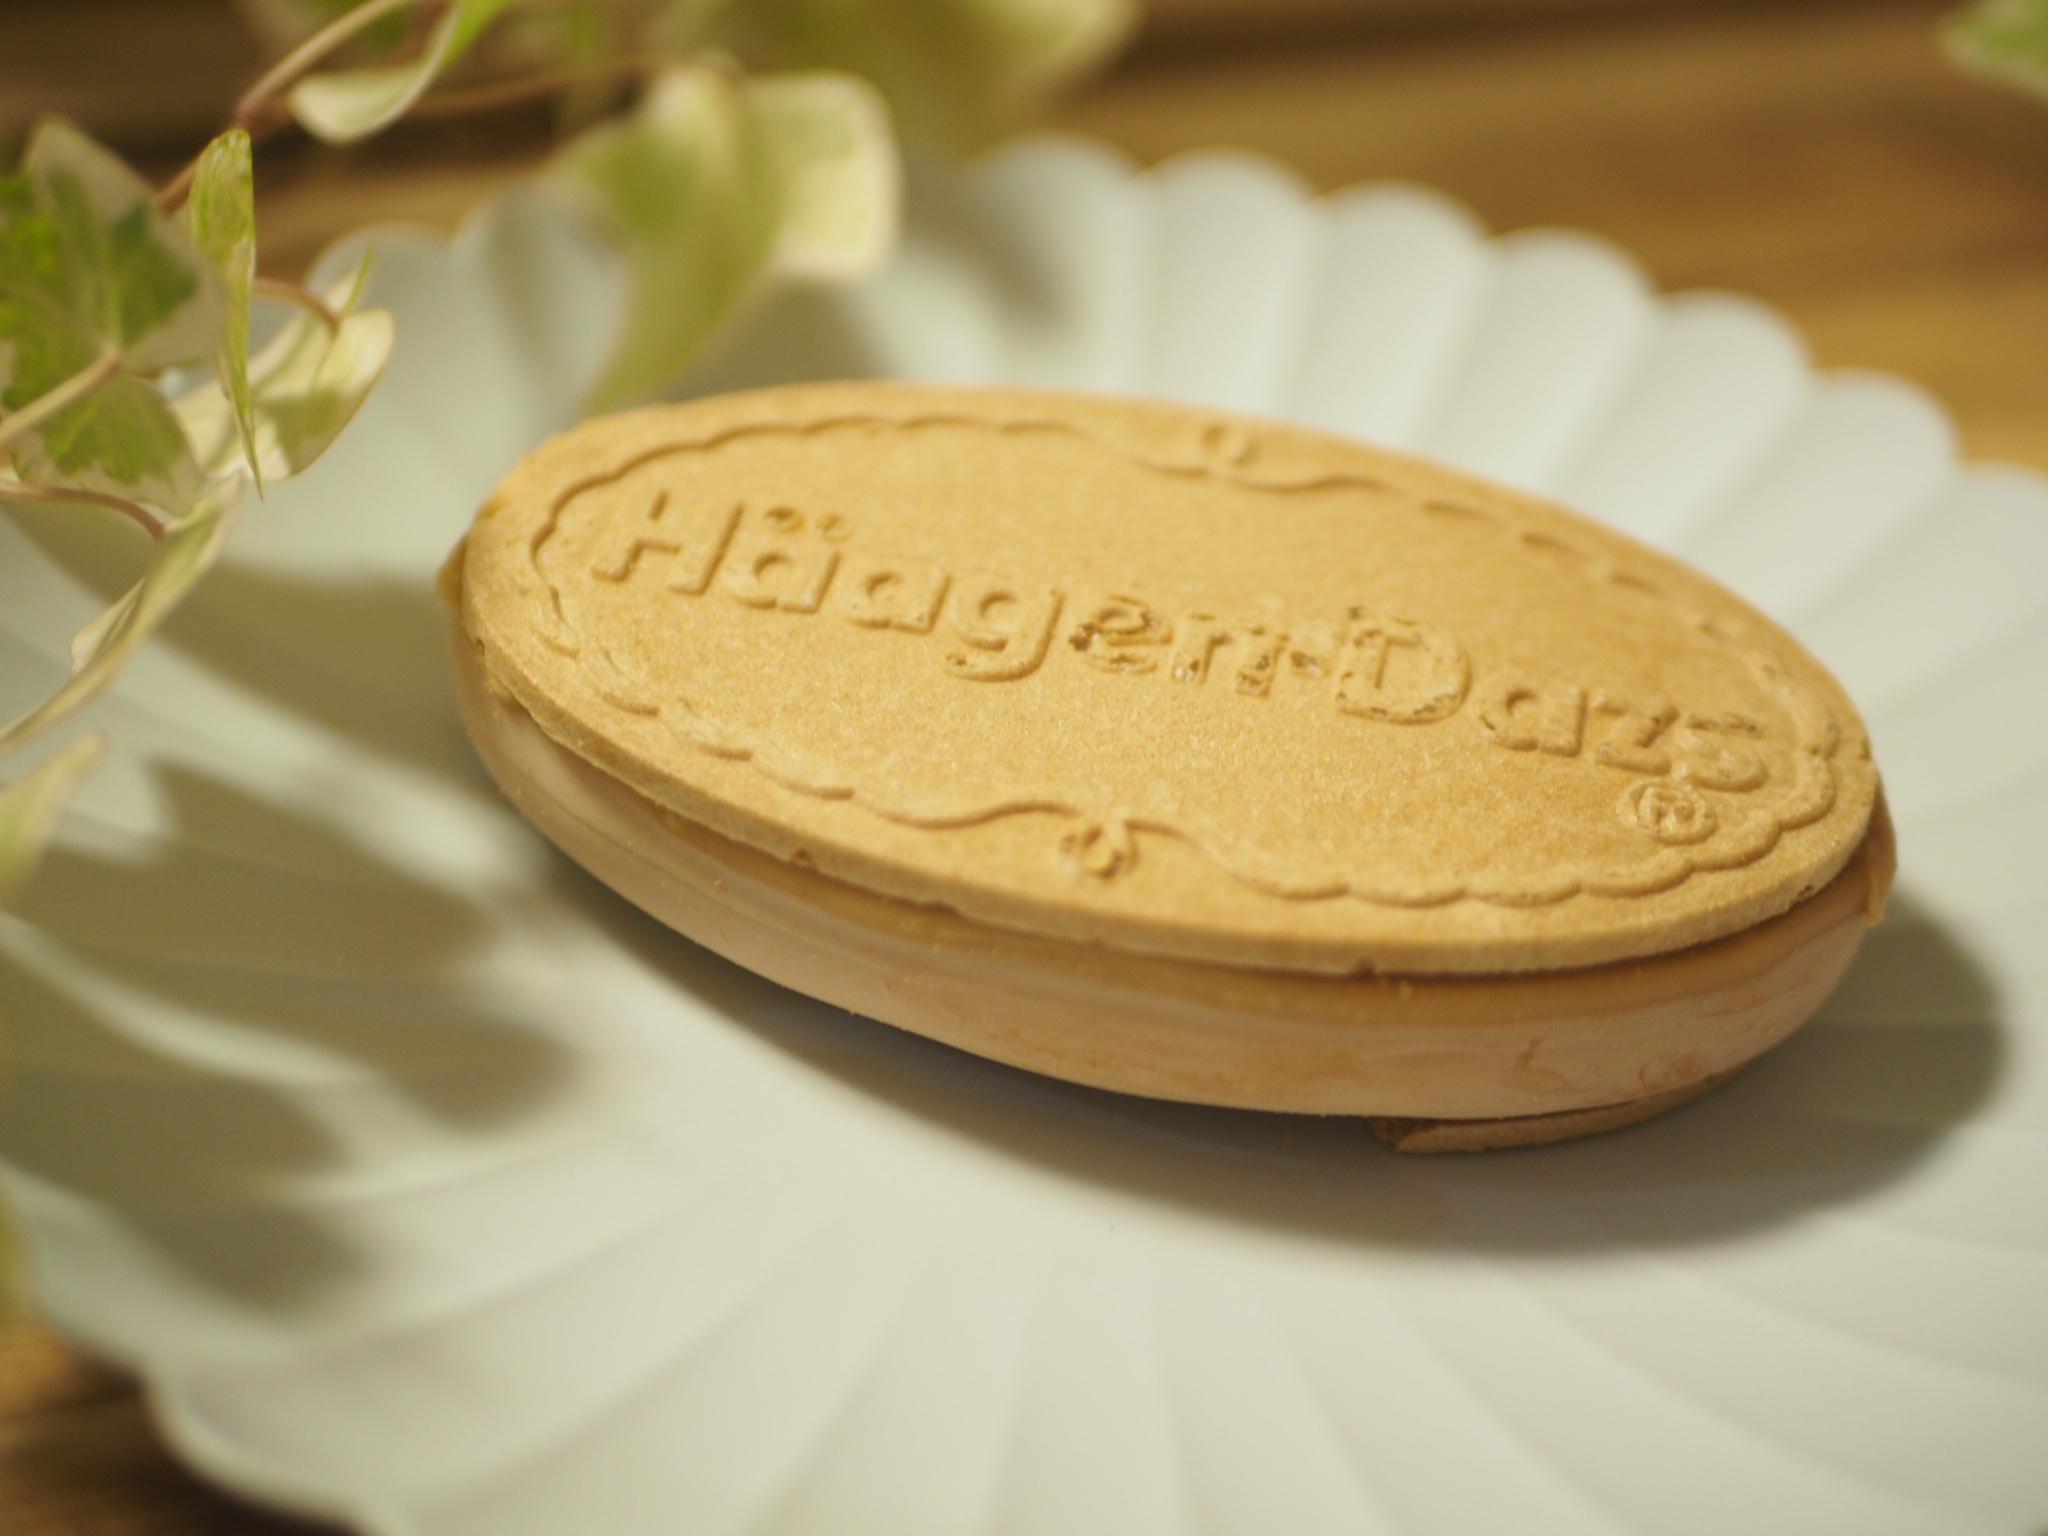 【ハーゲンダッツ】濃厚な味わいのバターサンド♡クリスピーサンド『アーモンドバターサンド』が登場♩_2